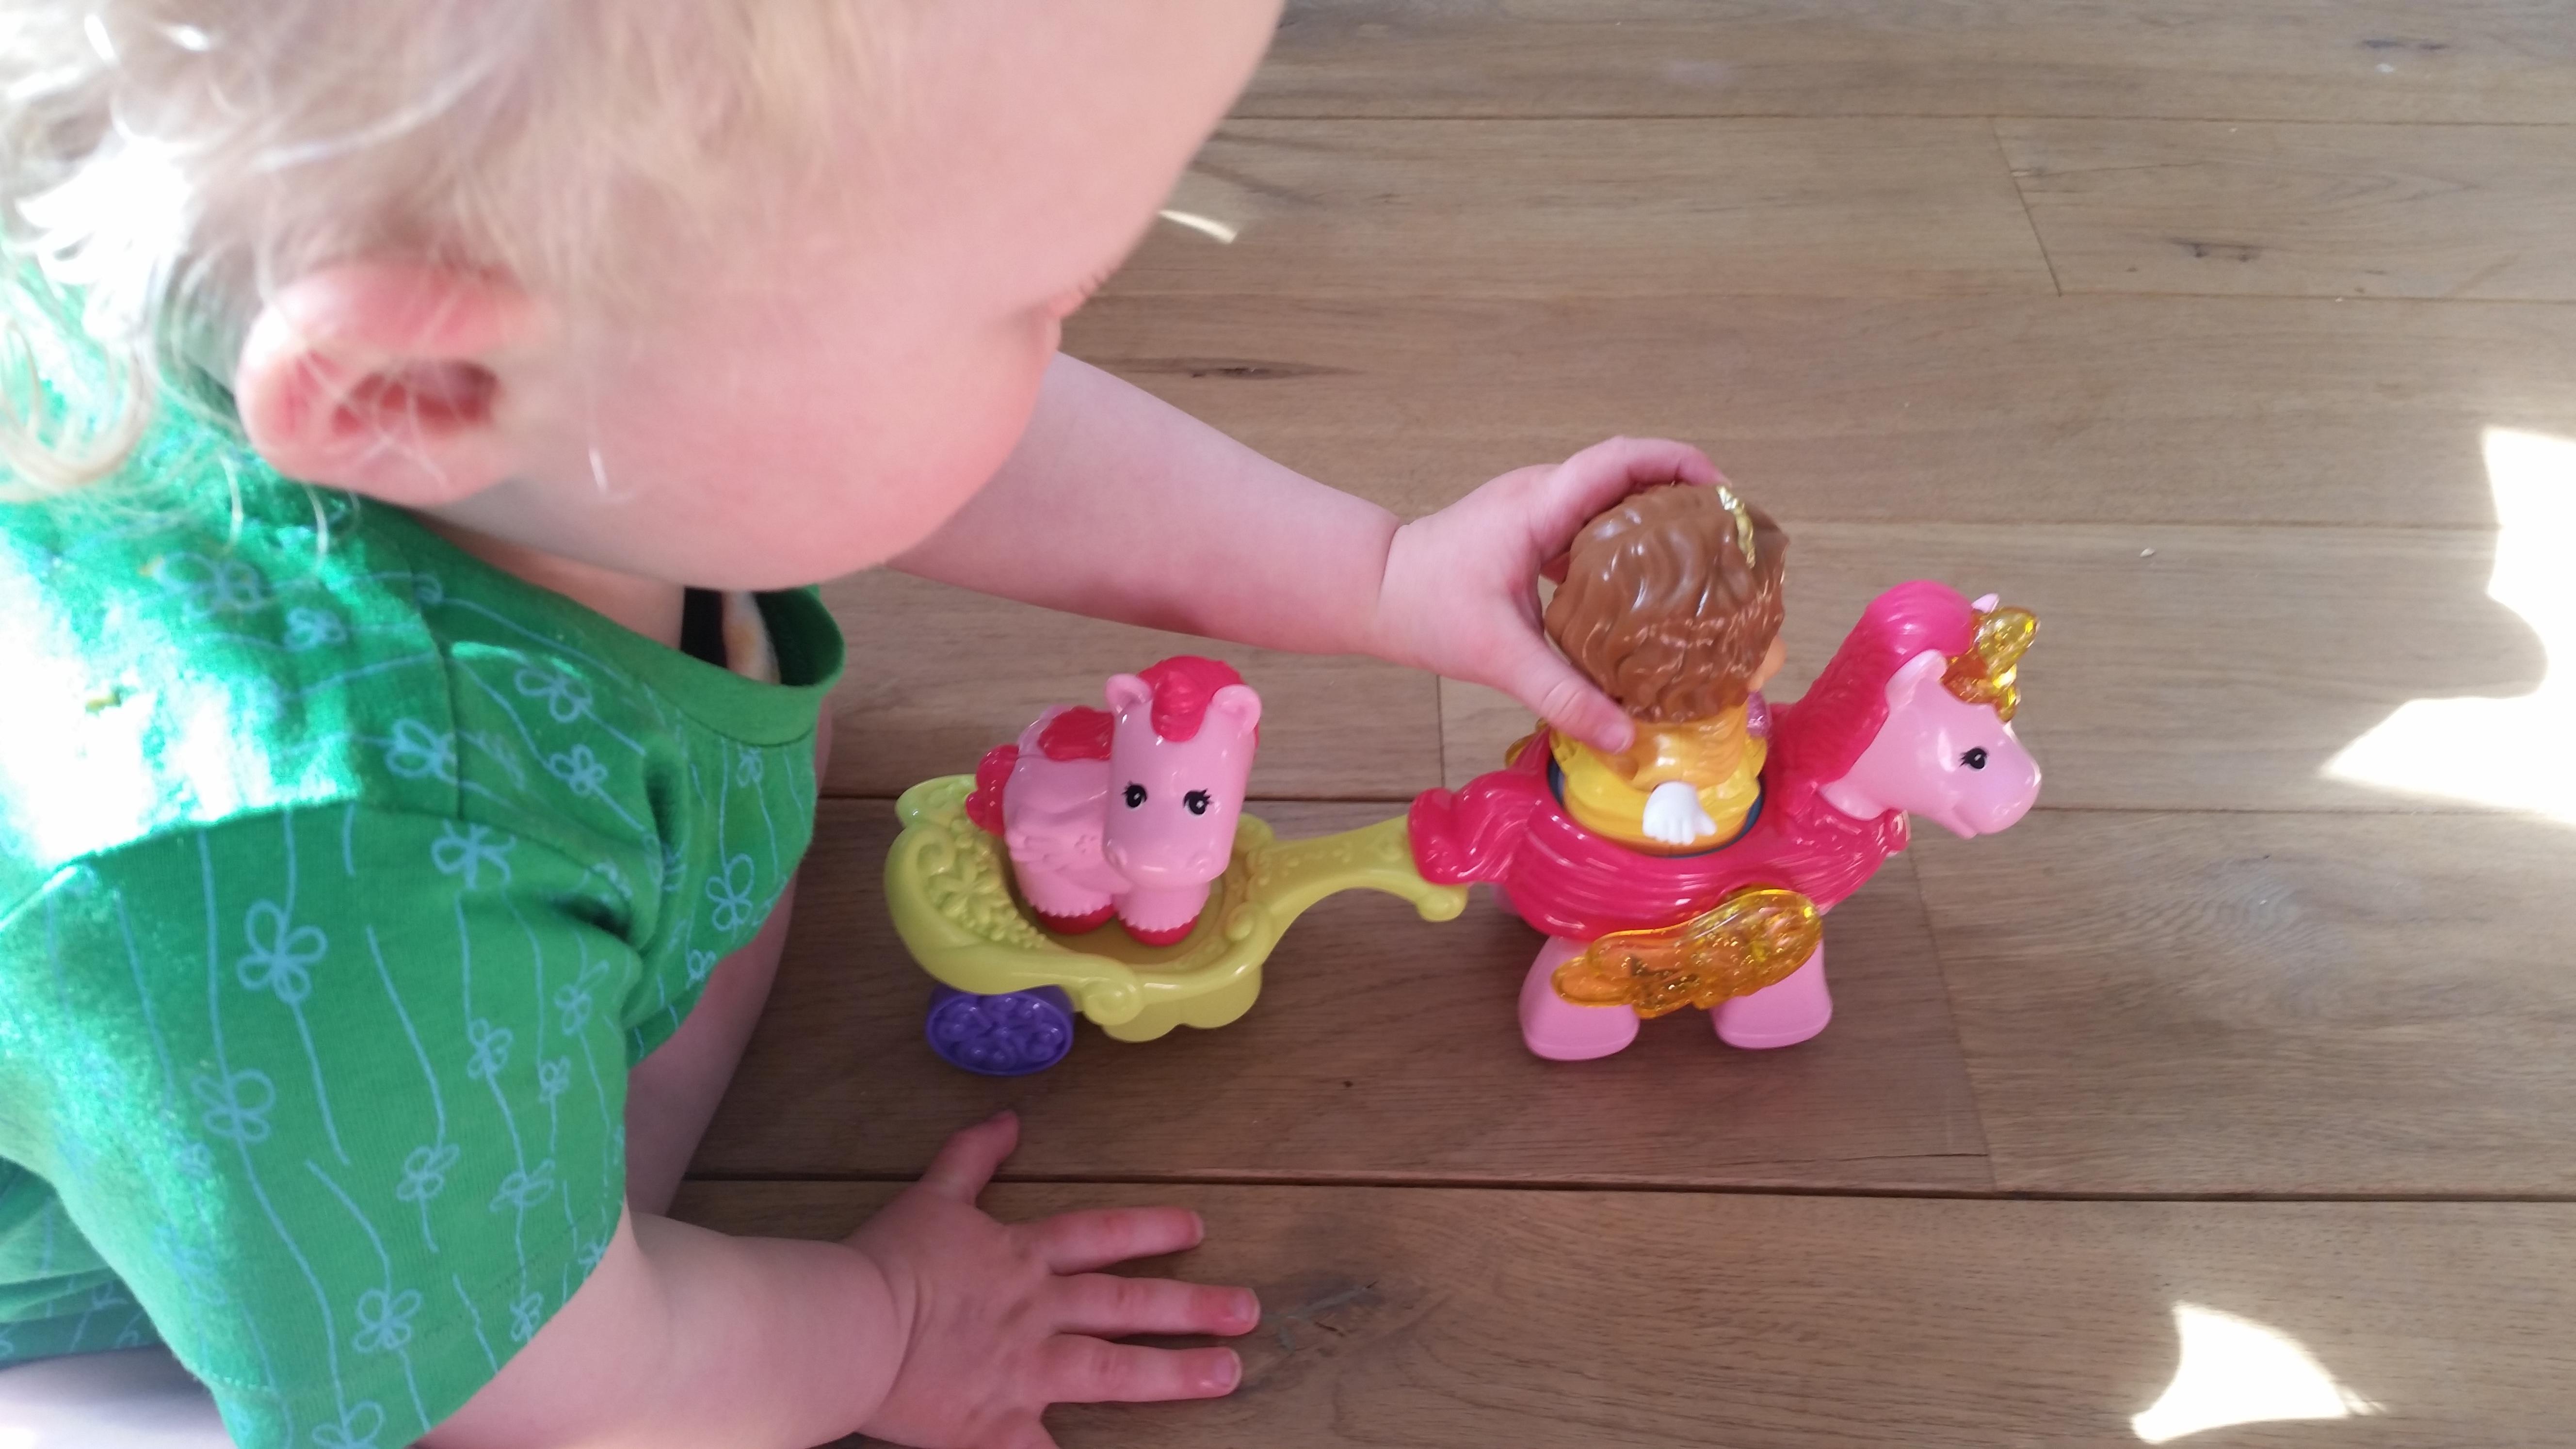 5-15-prinses-penny-eenhoorn-vtech-vrolijke-vriendjes-film-cadeau-verrassing-sint-kerst-liedjes-magische-wereld-mama-nanny-amsterdam-voorbeeld